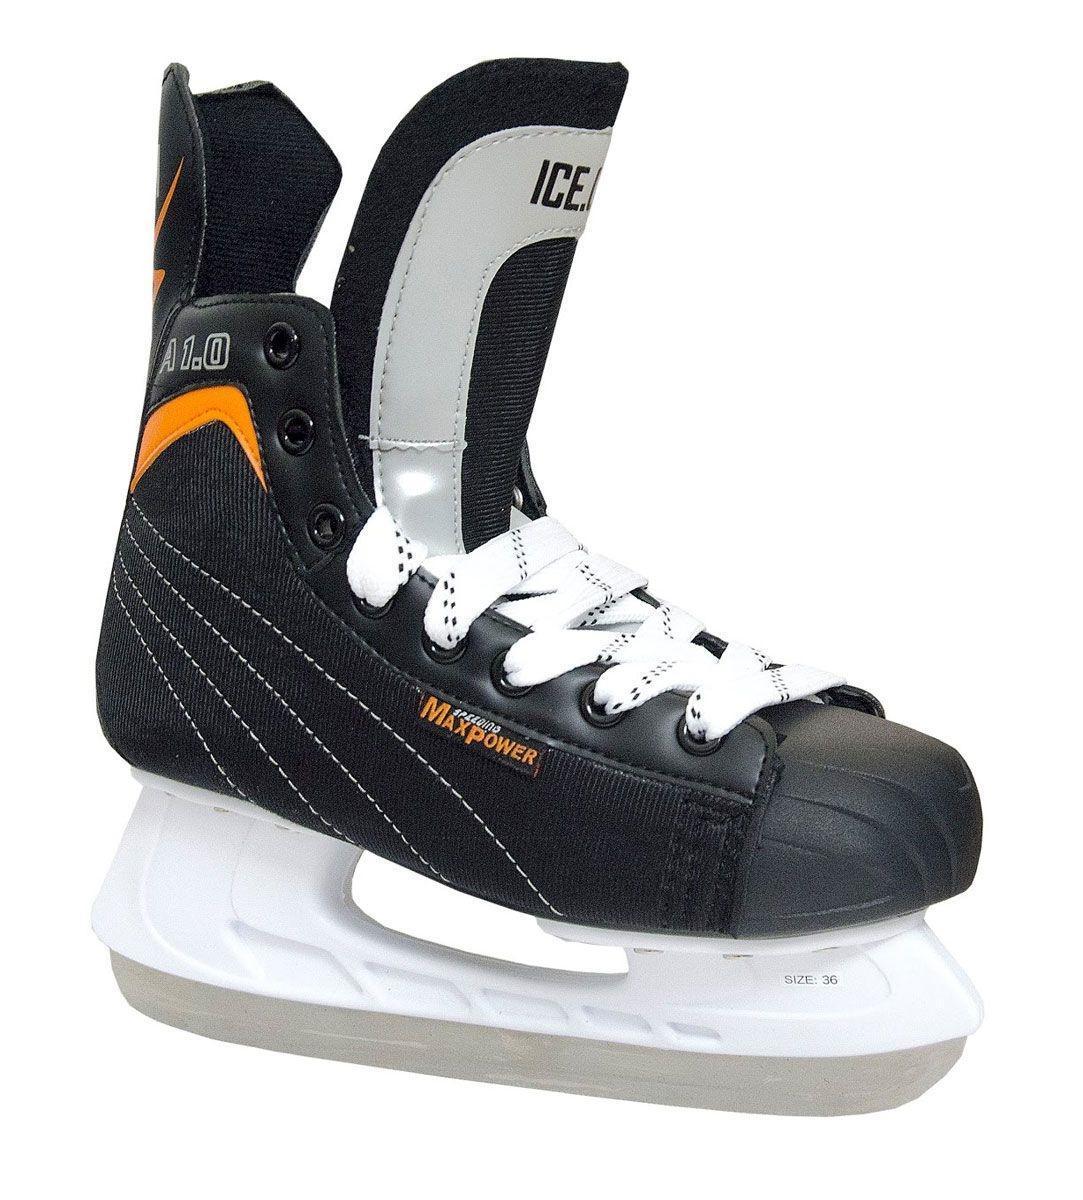 Коньки хоккейные Ice.Com A 1.0, цвет: черный, оранжевый. Размер 38